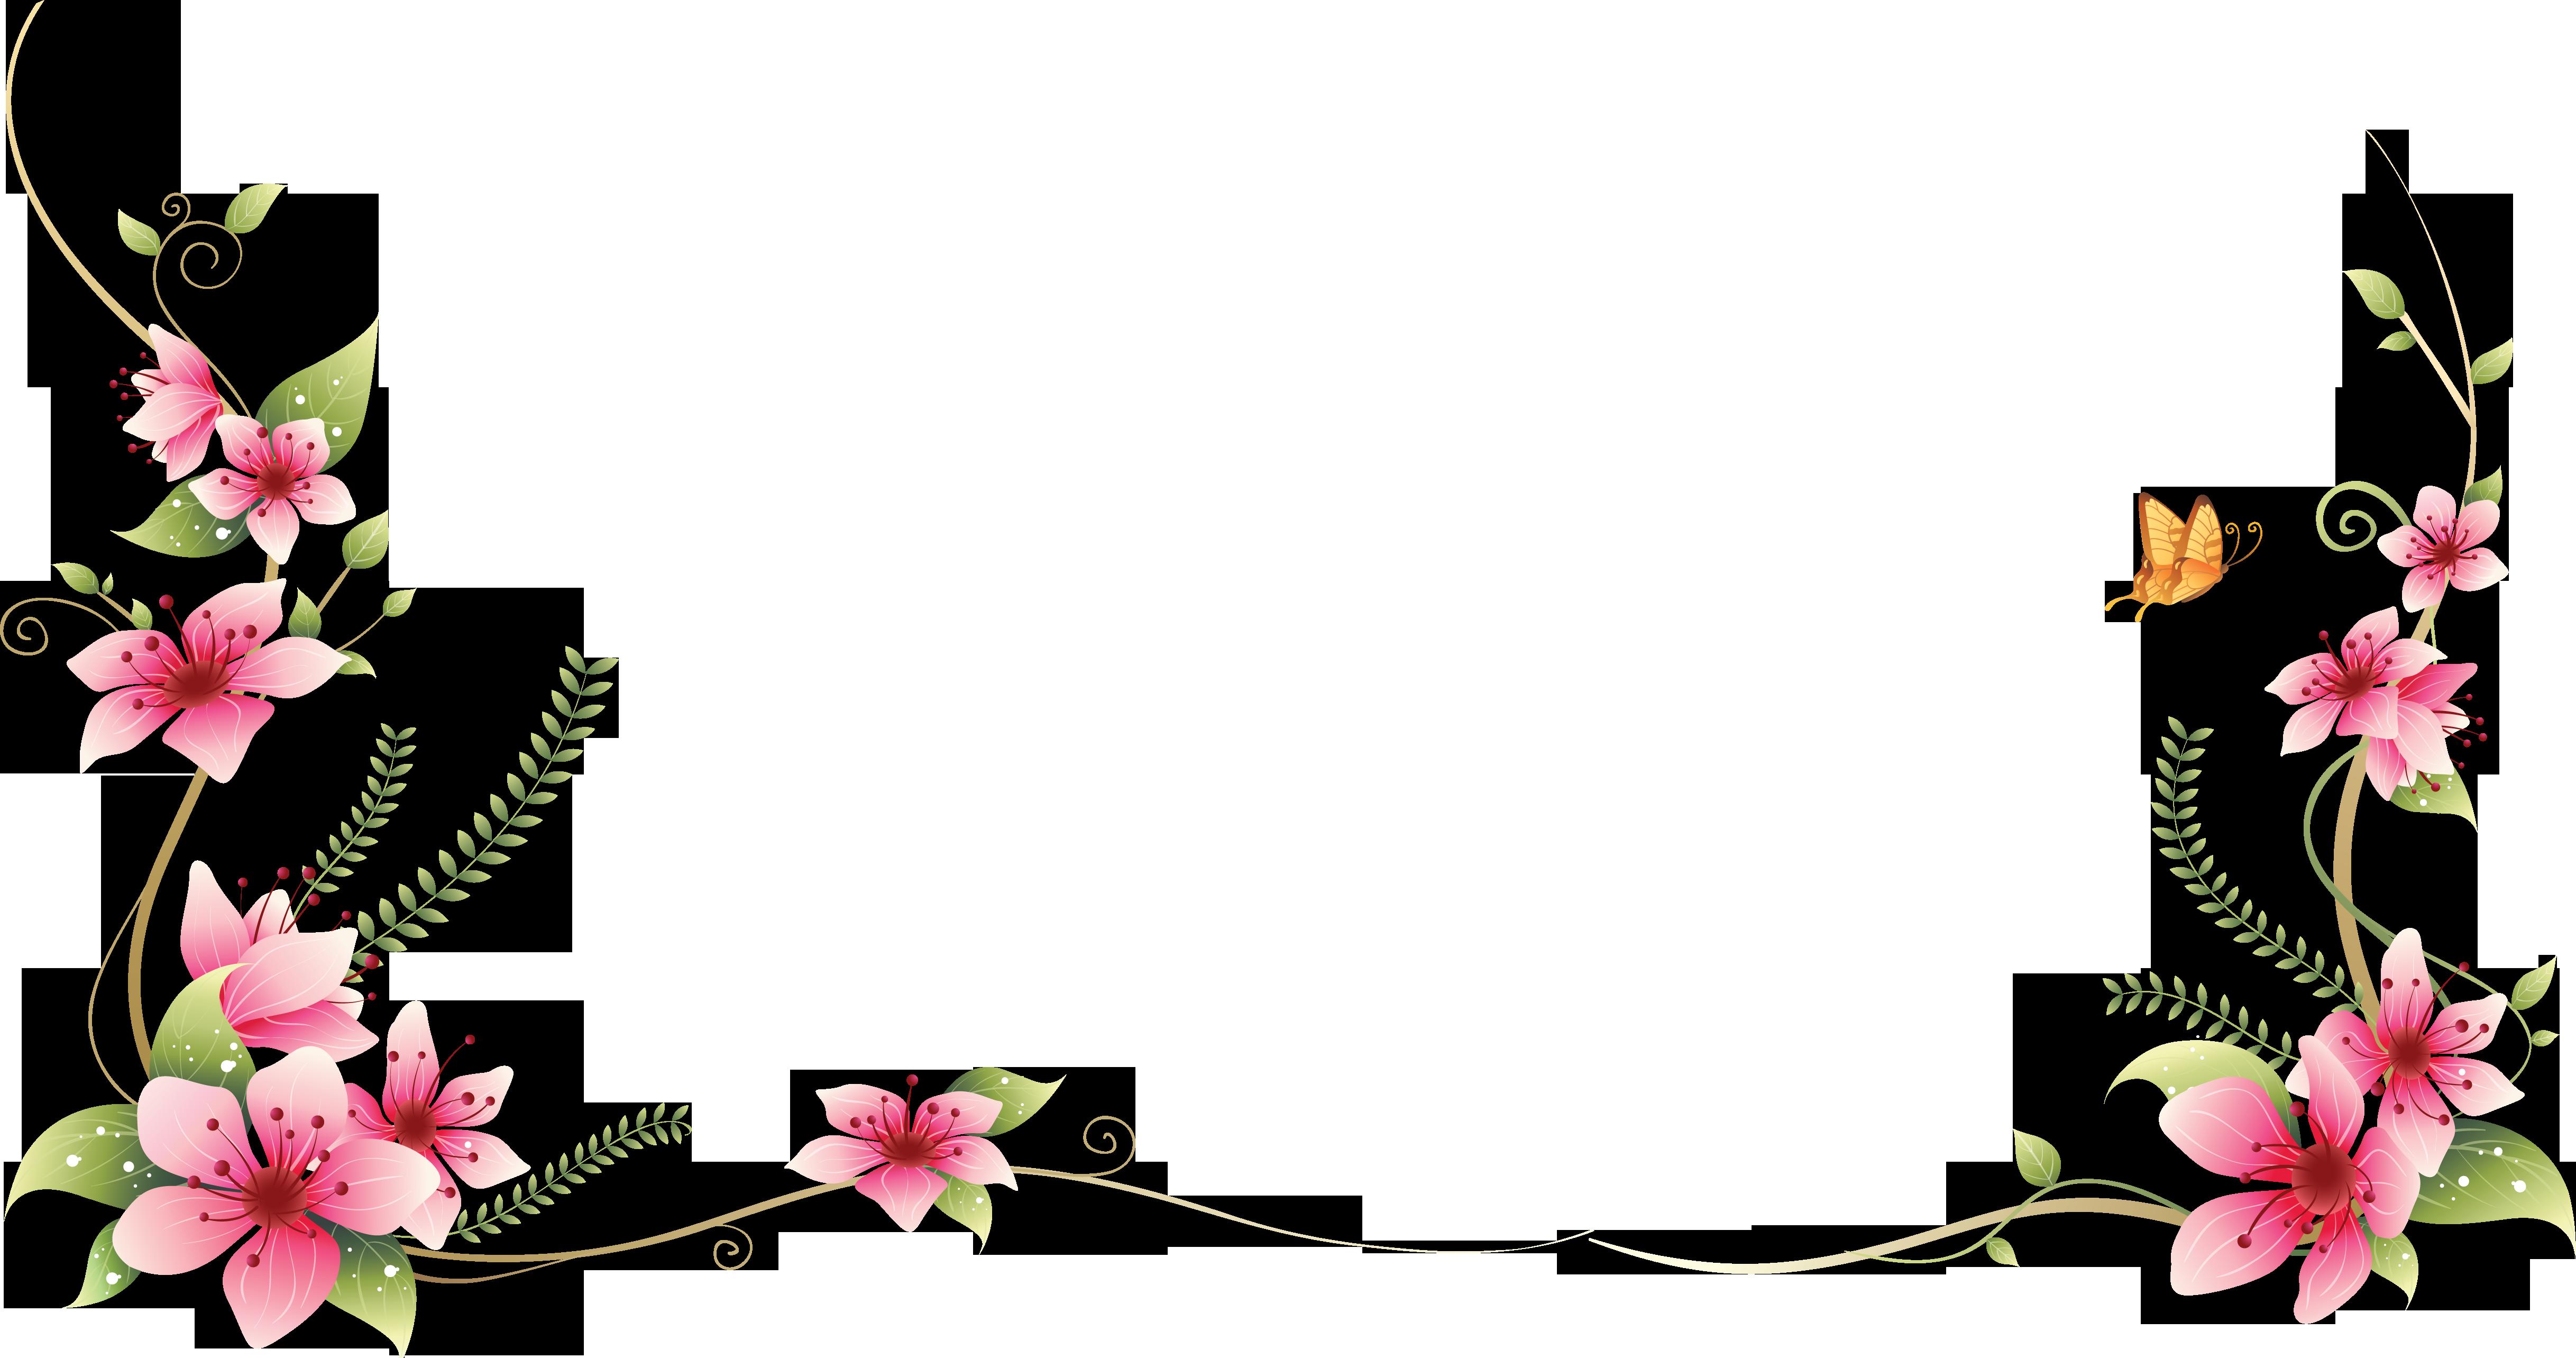 Бесплатно скачать картинку букет цветов